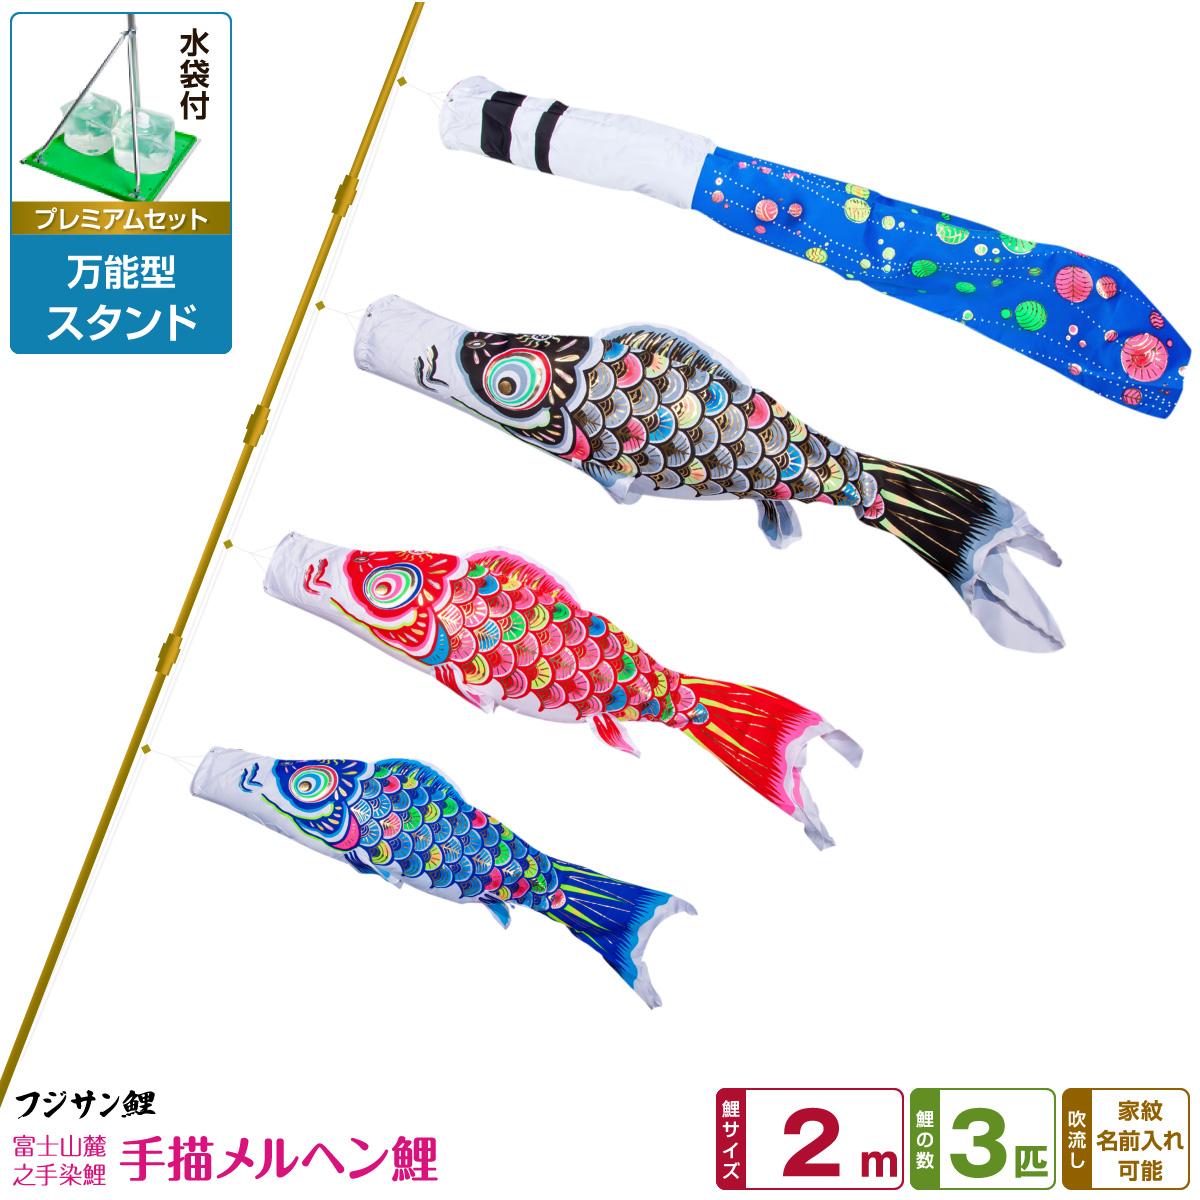 ベランダ用 こいのぼり 鯉のぼり フジサン鯉 手描メルヘン鯉 2m 6点(吹流し+鯉3匹+矢車+ロープ)/プレミアムセット(万能スタンド)